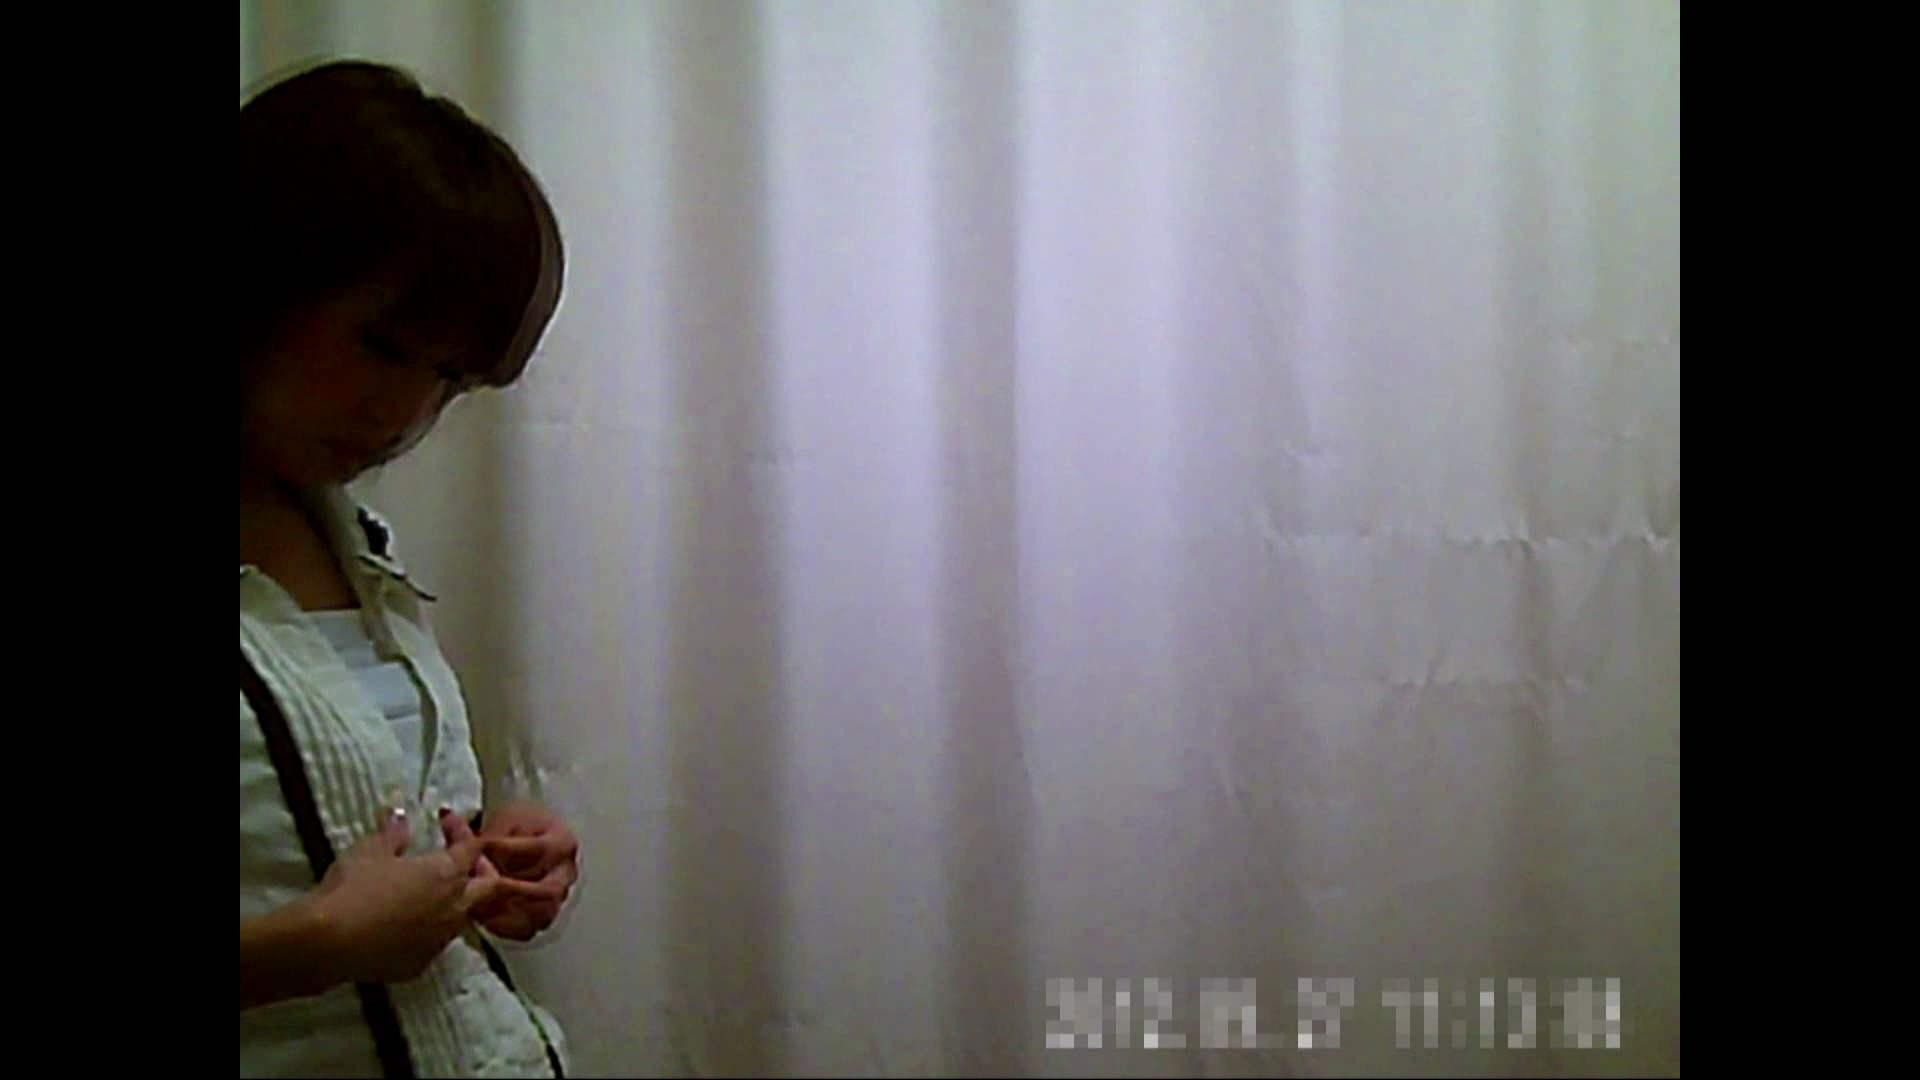 元医者による反抗 更衣室地獄絵巻 vol.275 OLの実態  89pic 14